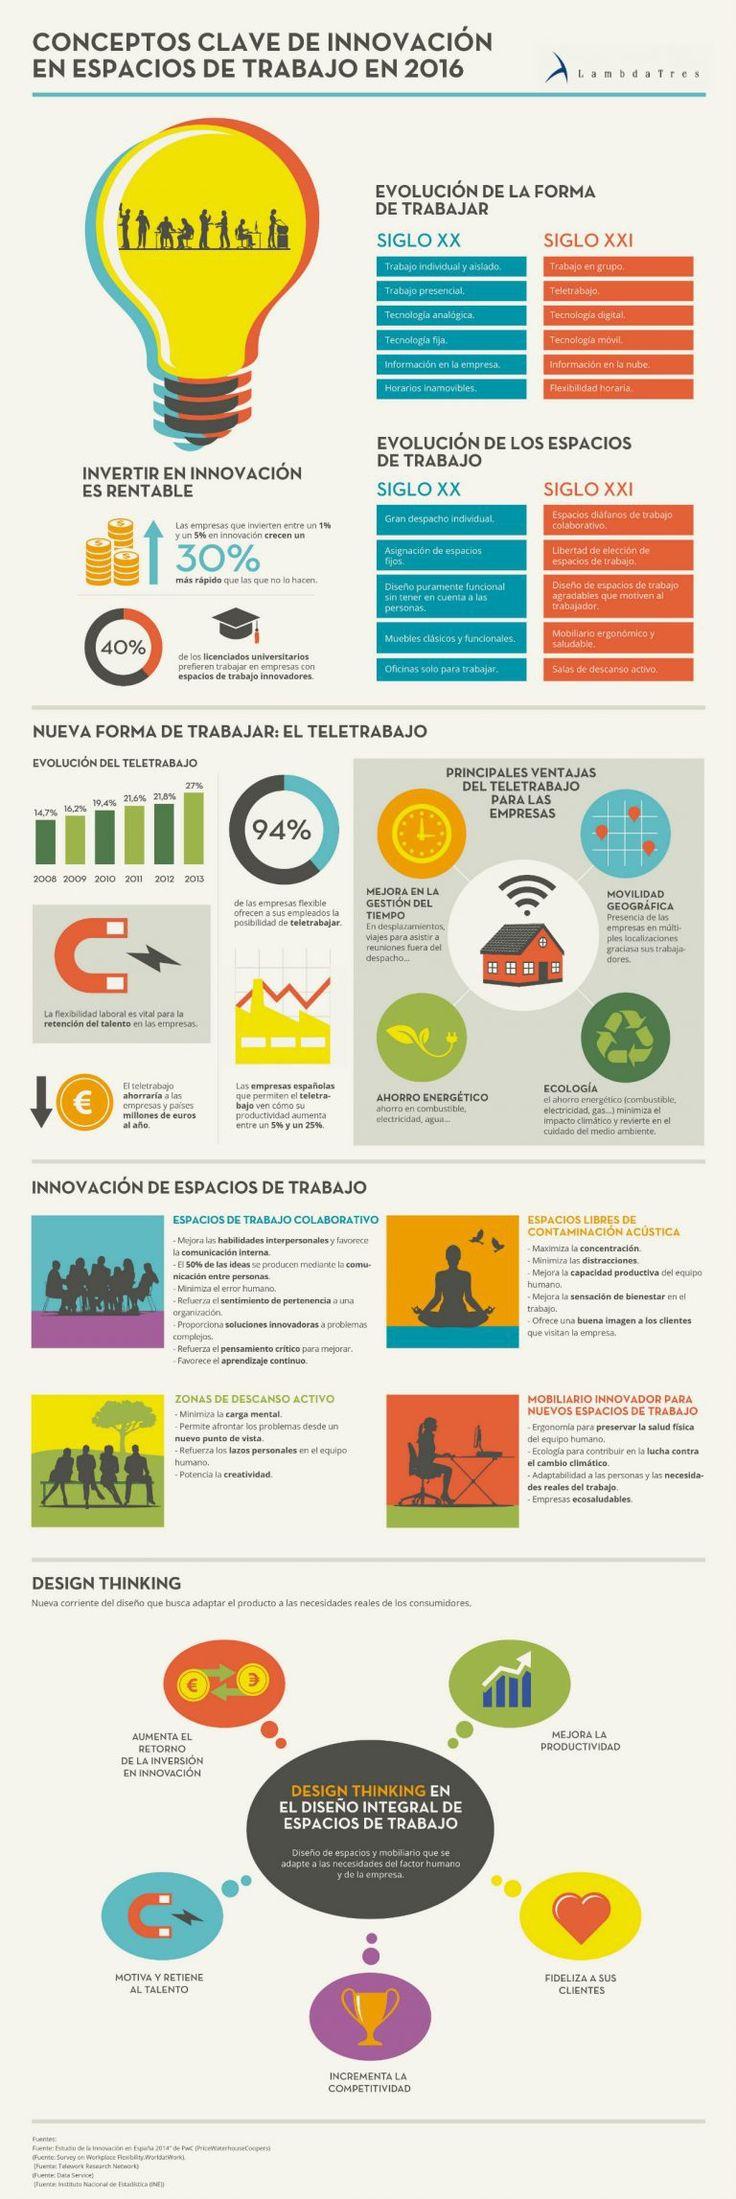 Innovación en espacios de trabajo #infografía